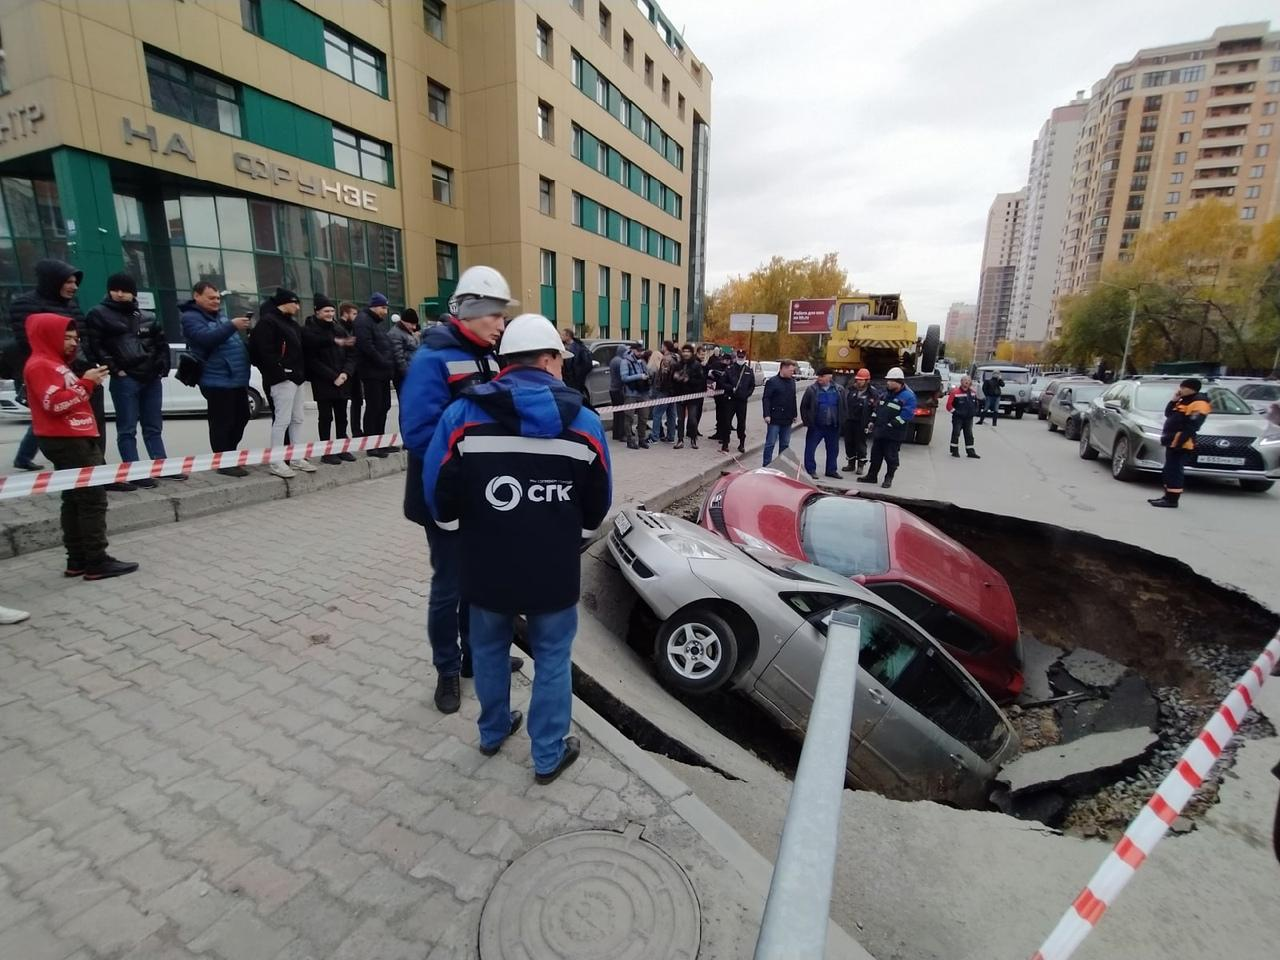 Фото Появились фото с места провала машин в яму с кипятком в Новосибирске 4